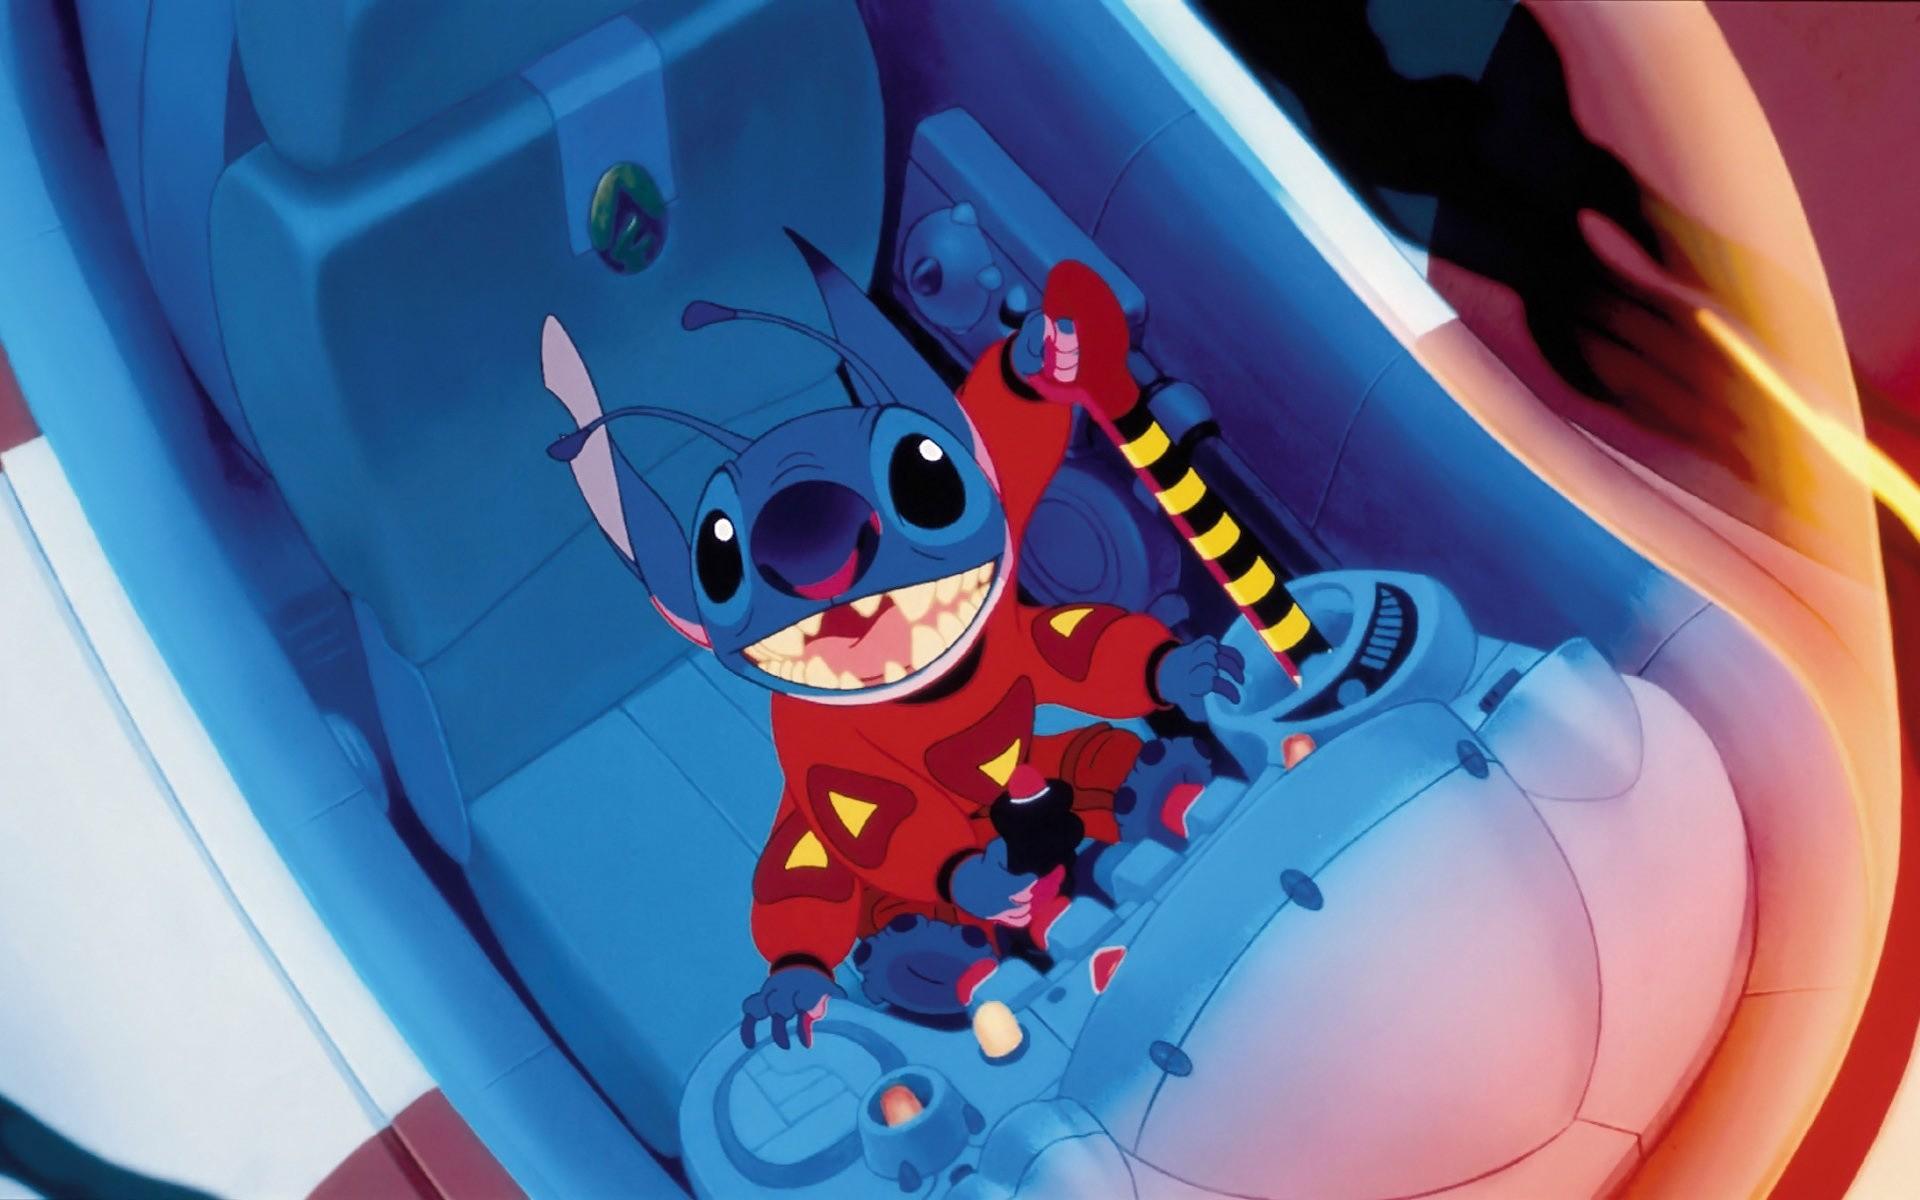 Cute Lilo and Stitch Wallpaper 23970